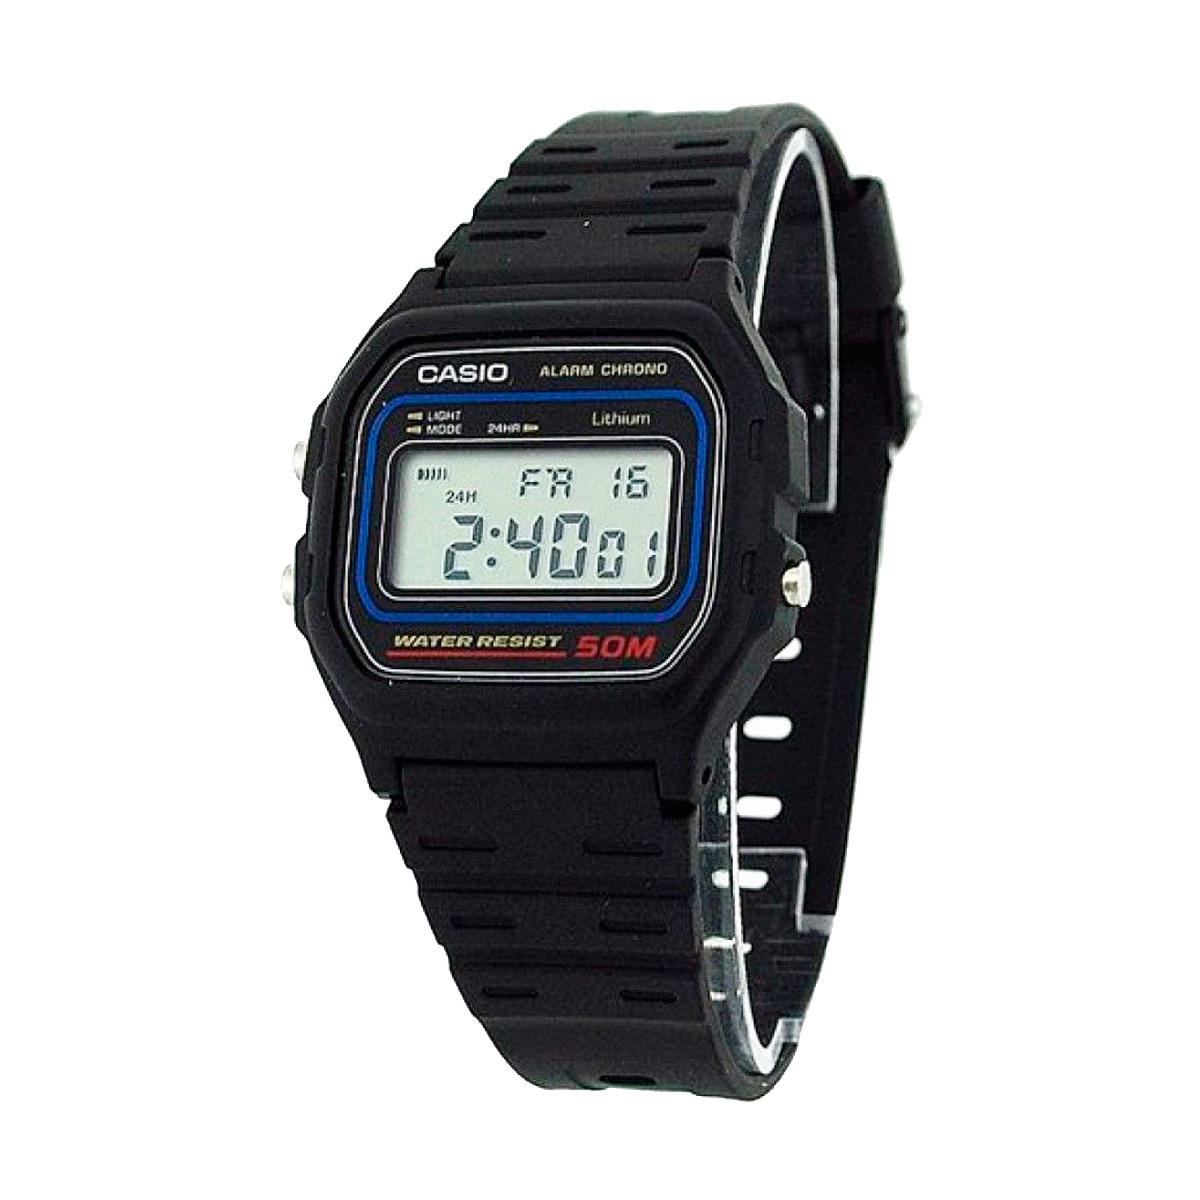 78653346ba15 Reloj de pulsera CASIO W-59-1   relojes   despertadores   hogar ...